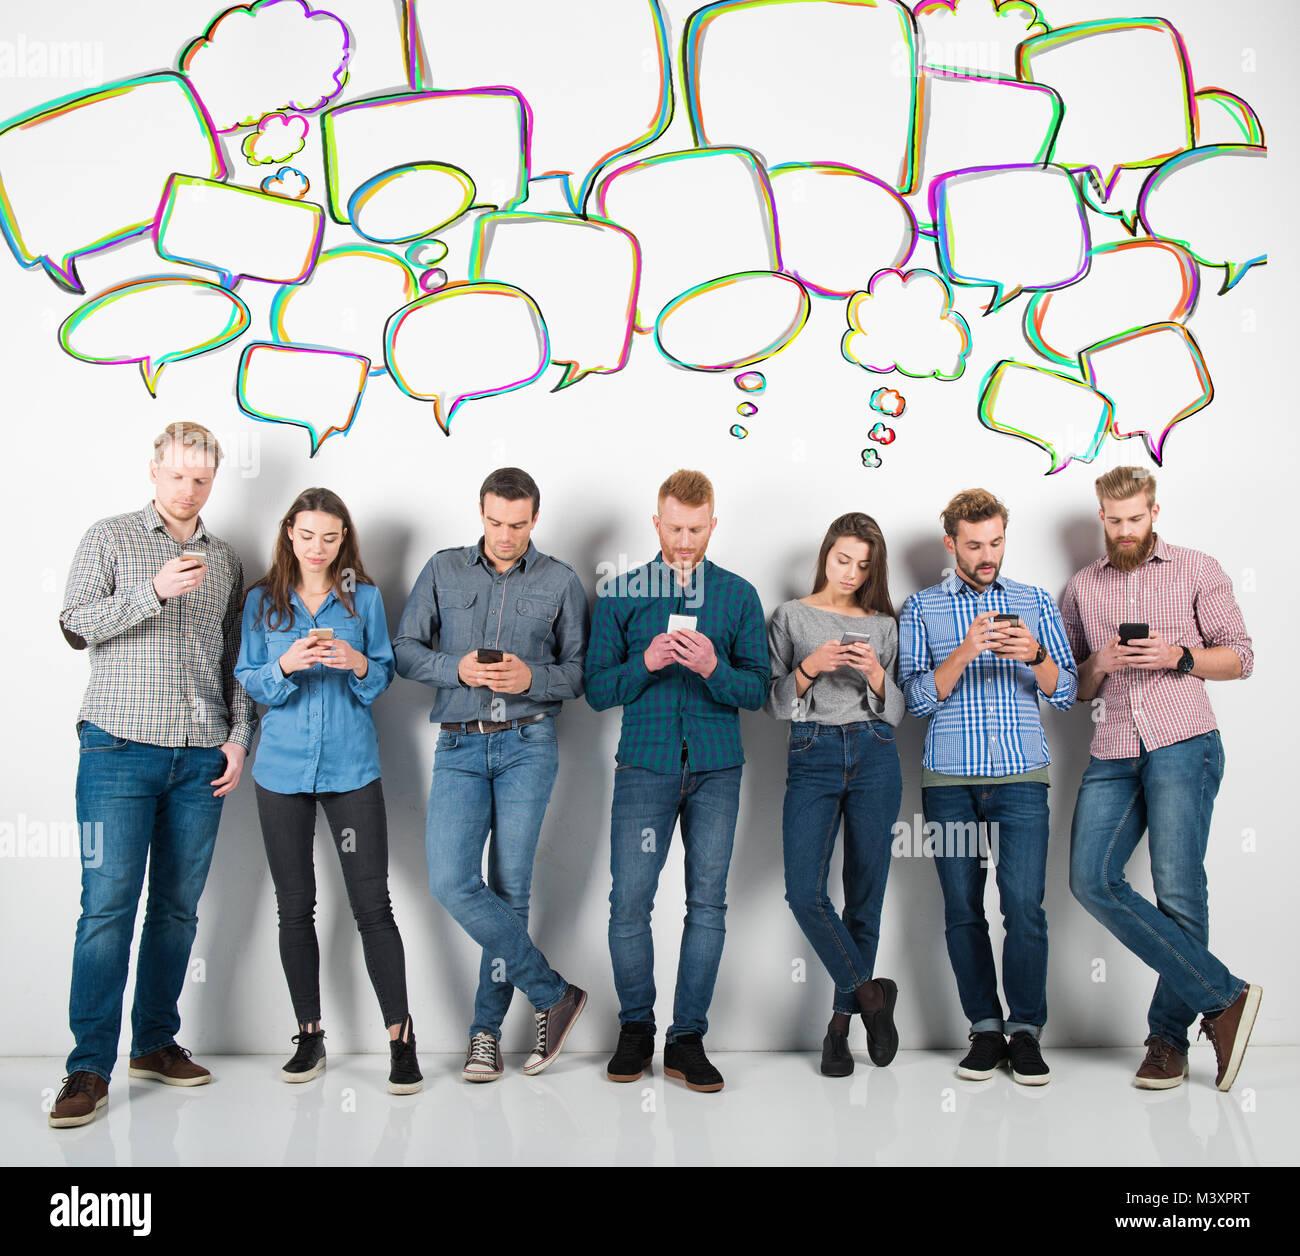 Groupe de garçons et filles en contact avec leurs smartphones. Concept de réseau social et de l'internet Banque D'Images